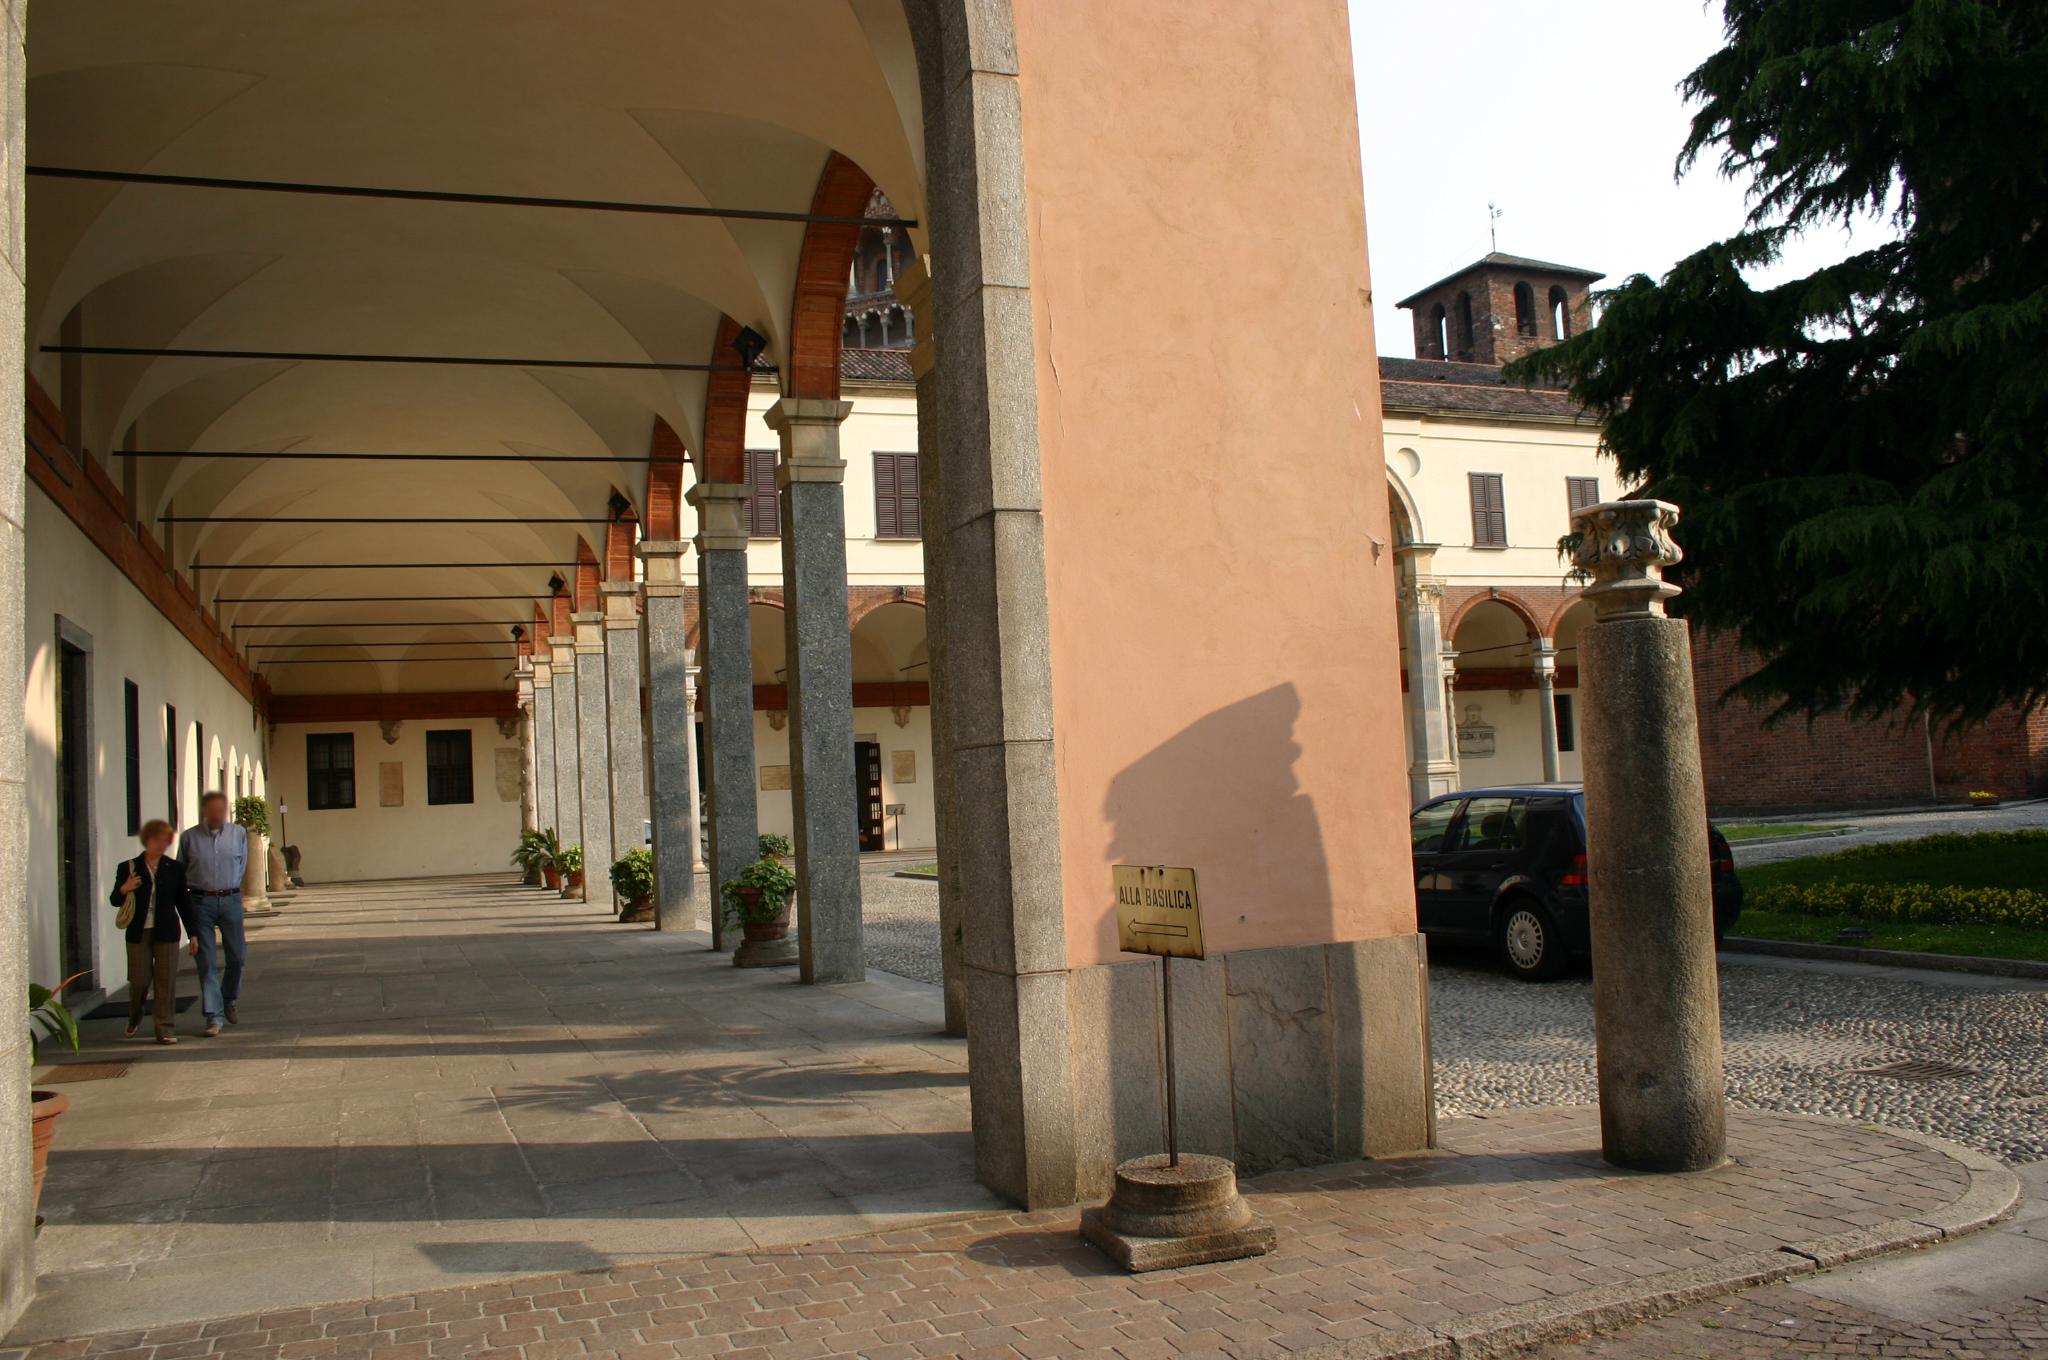 file 0060 milano s ambrogio canonica portico